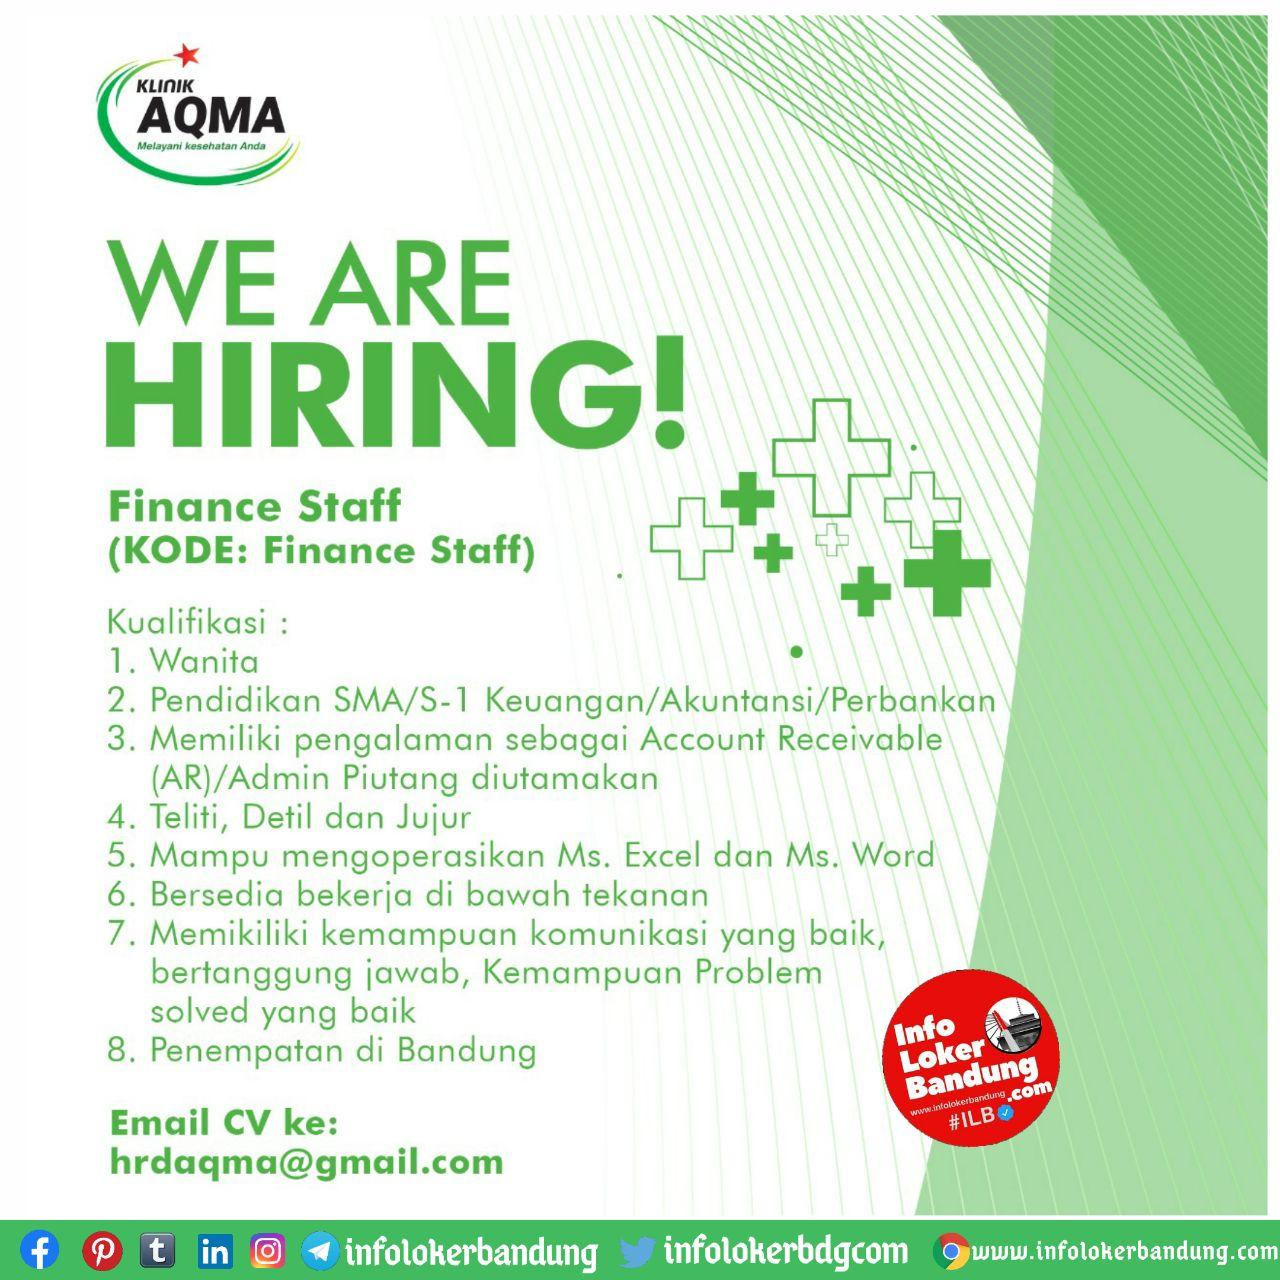 Lowongan Kerja Aqma Klinik Pratama Bandung Oktober 2020